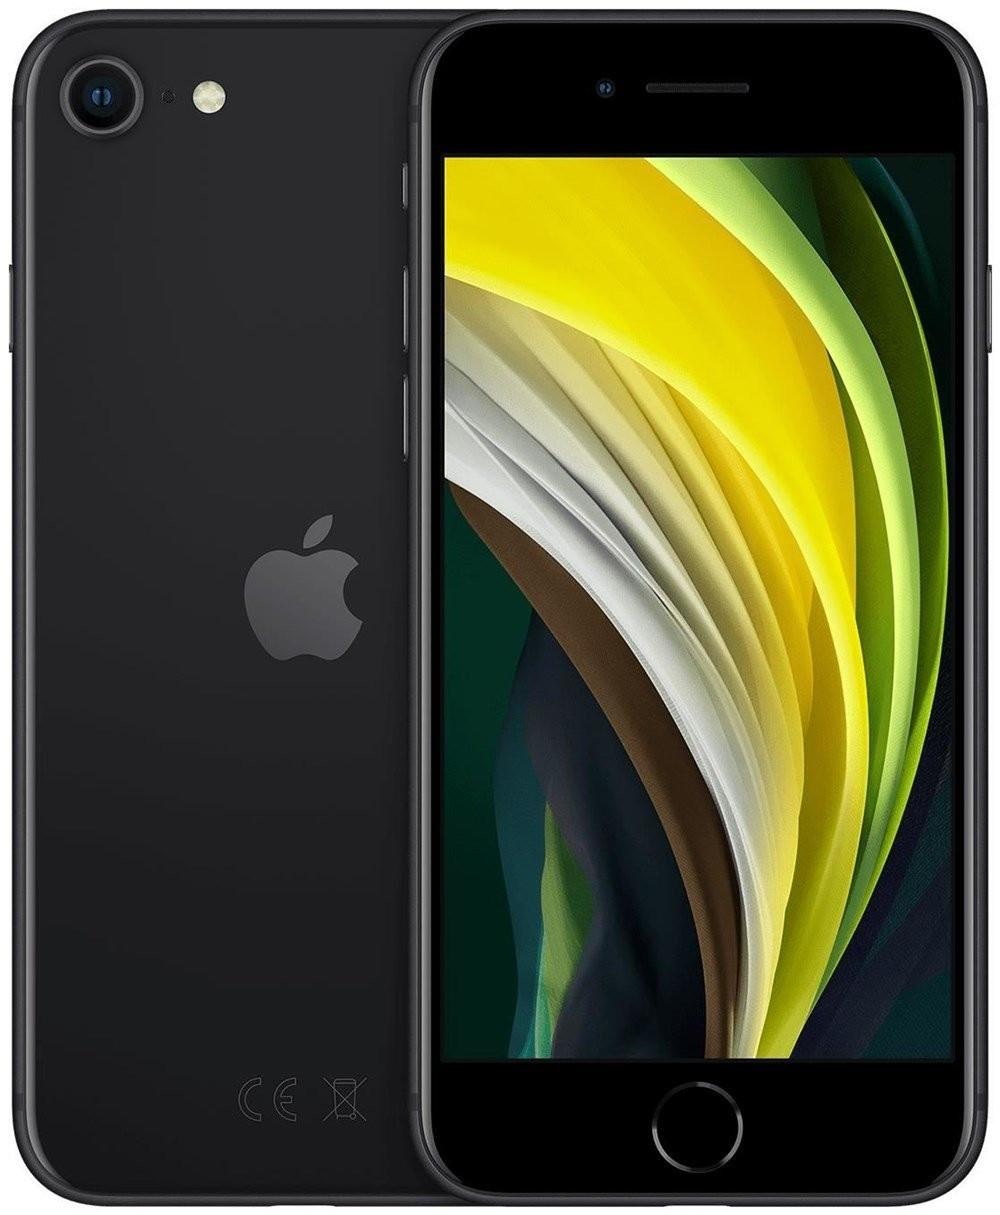 Apple iPhone SE (64GB) mit Otelo Allnet-Flat Go (5GB LTE) für 153,99€ Zuzahlung & mtl. 14,99€ [Vodafone-Netz]